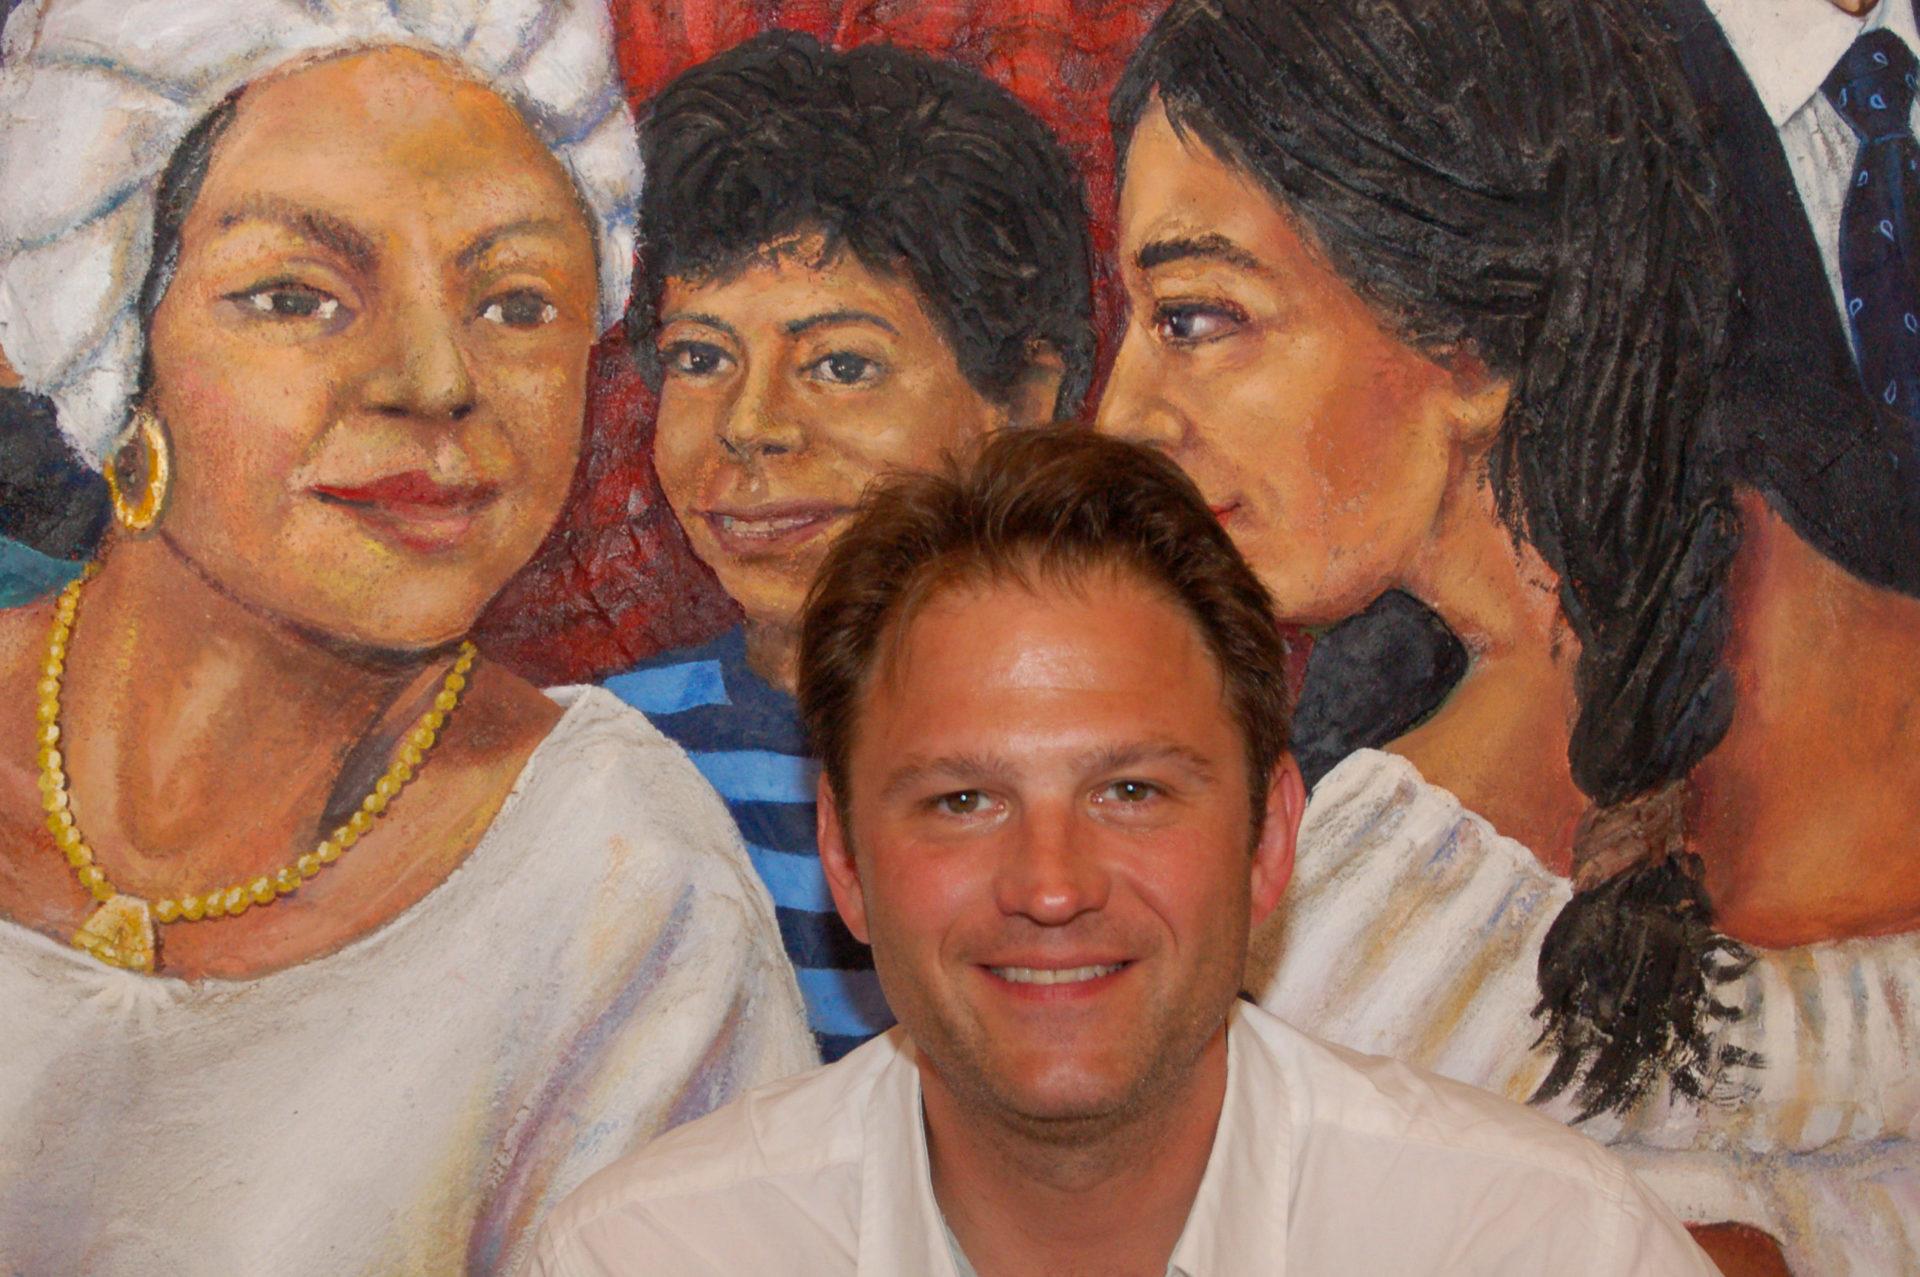 Autor Ralf Johnen vor einem Wandgemälde in einem mexikanischen Lokal in San Antonio